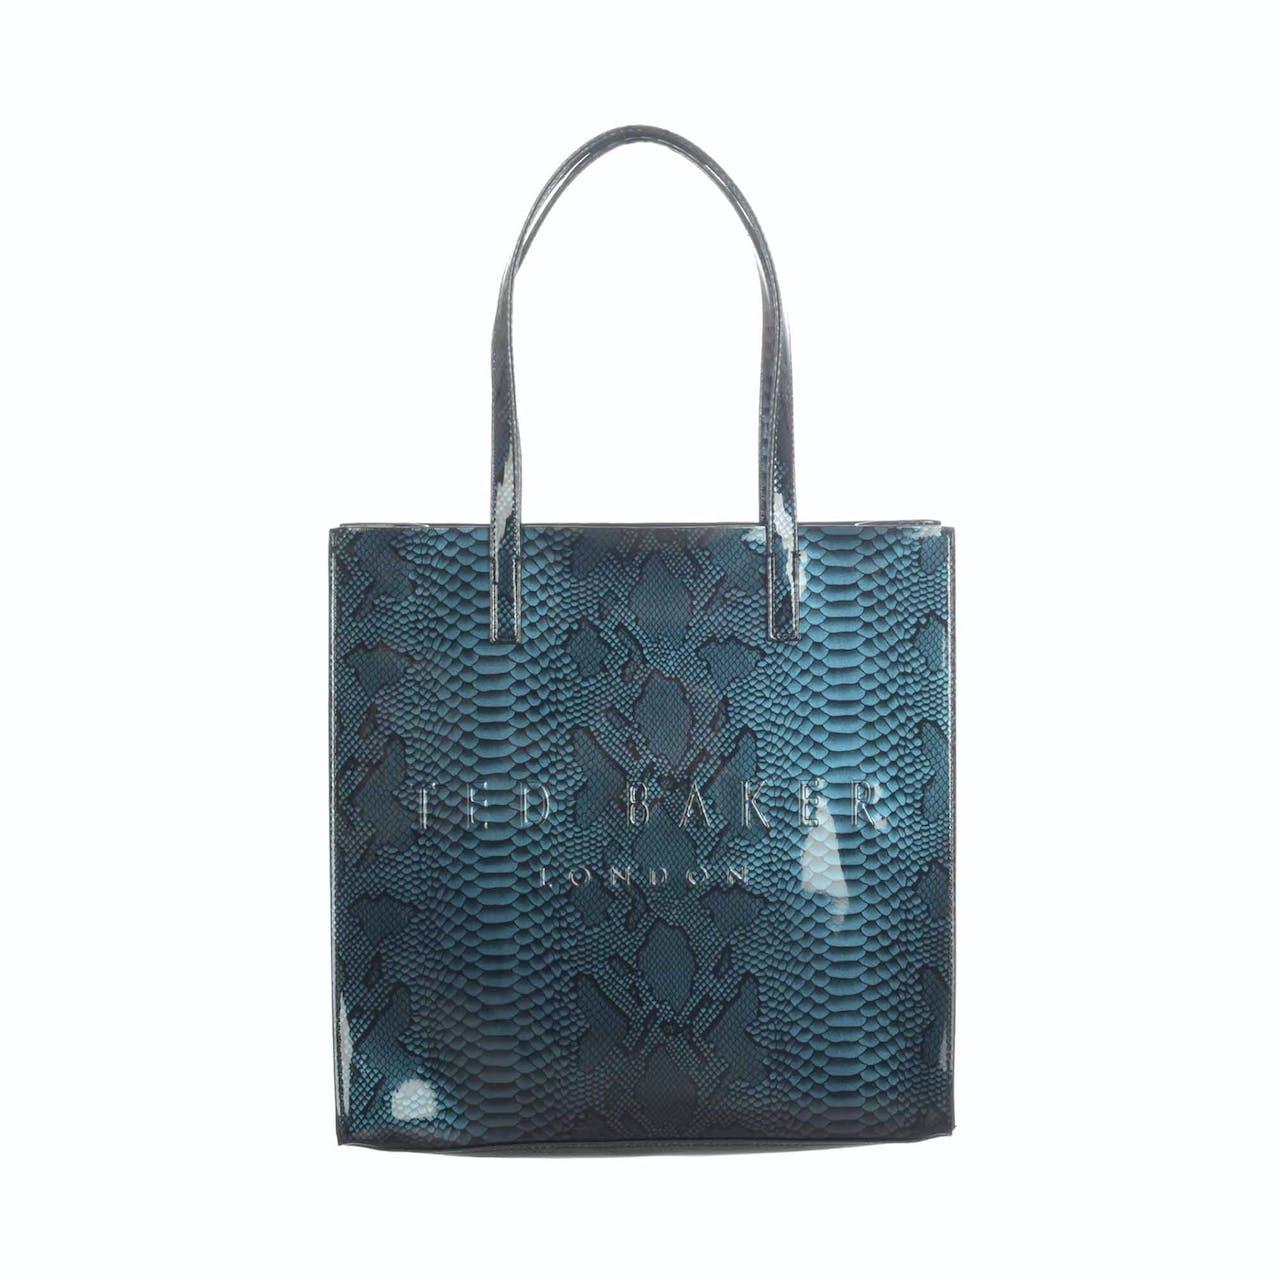 Shopper - Jemacon